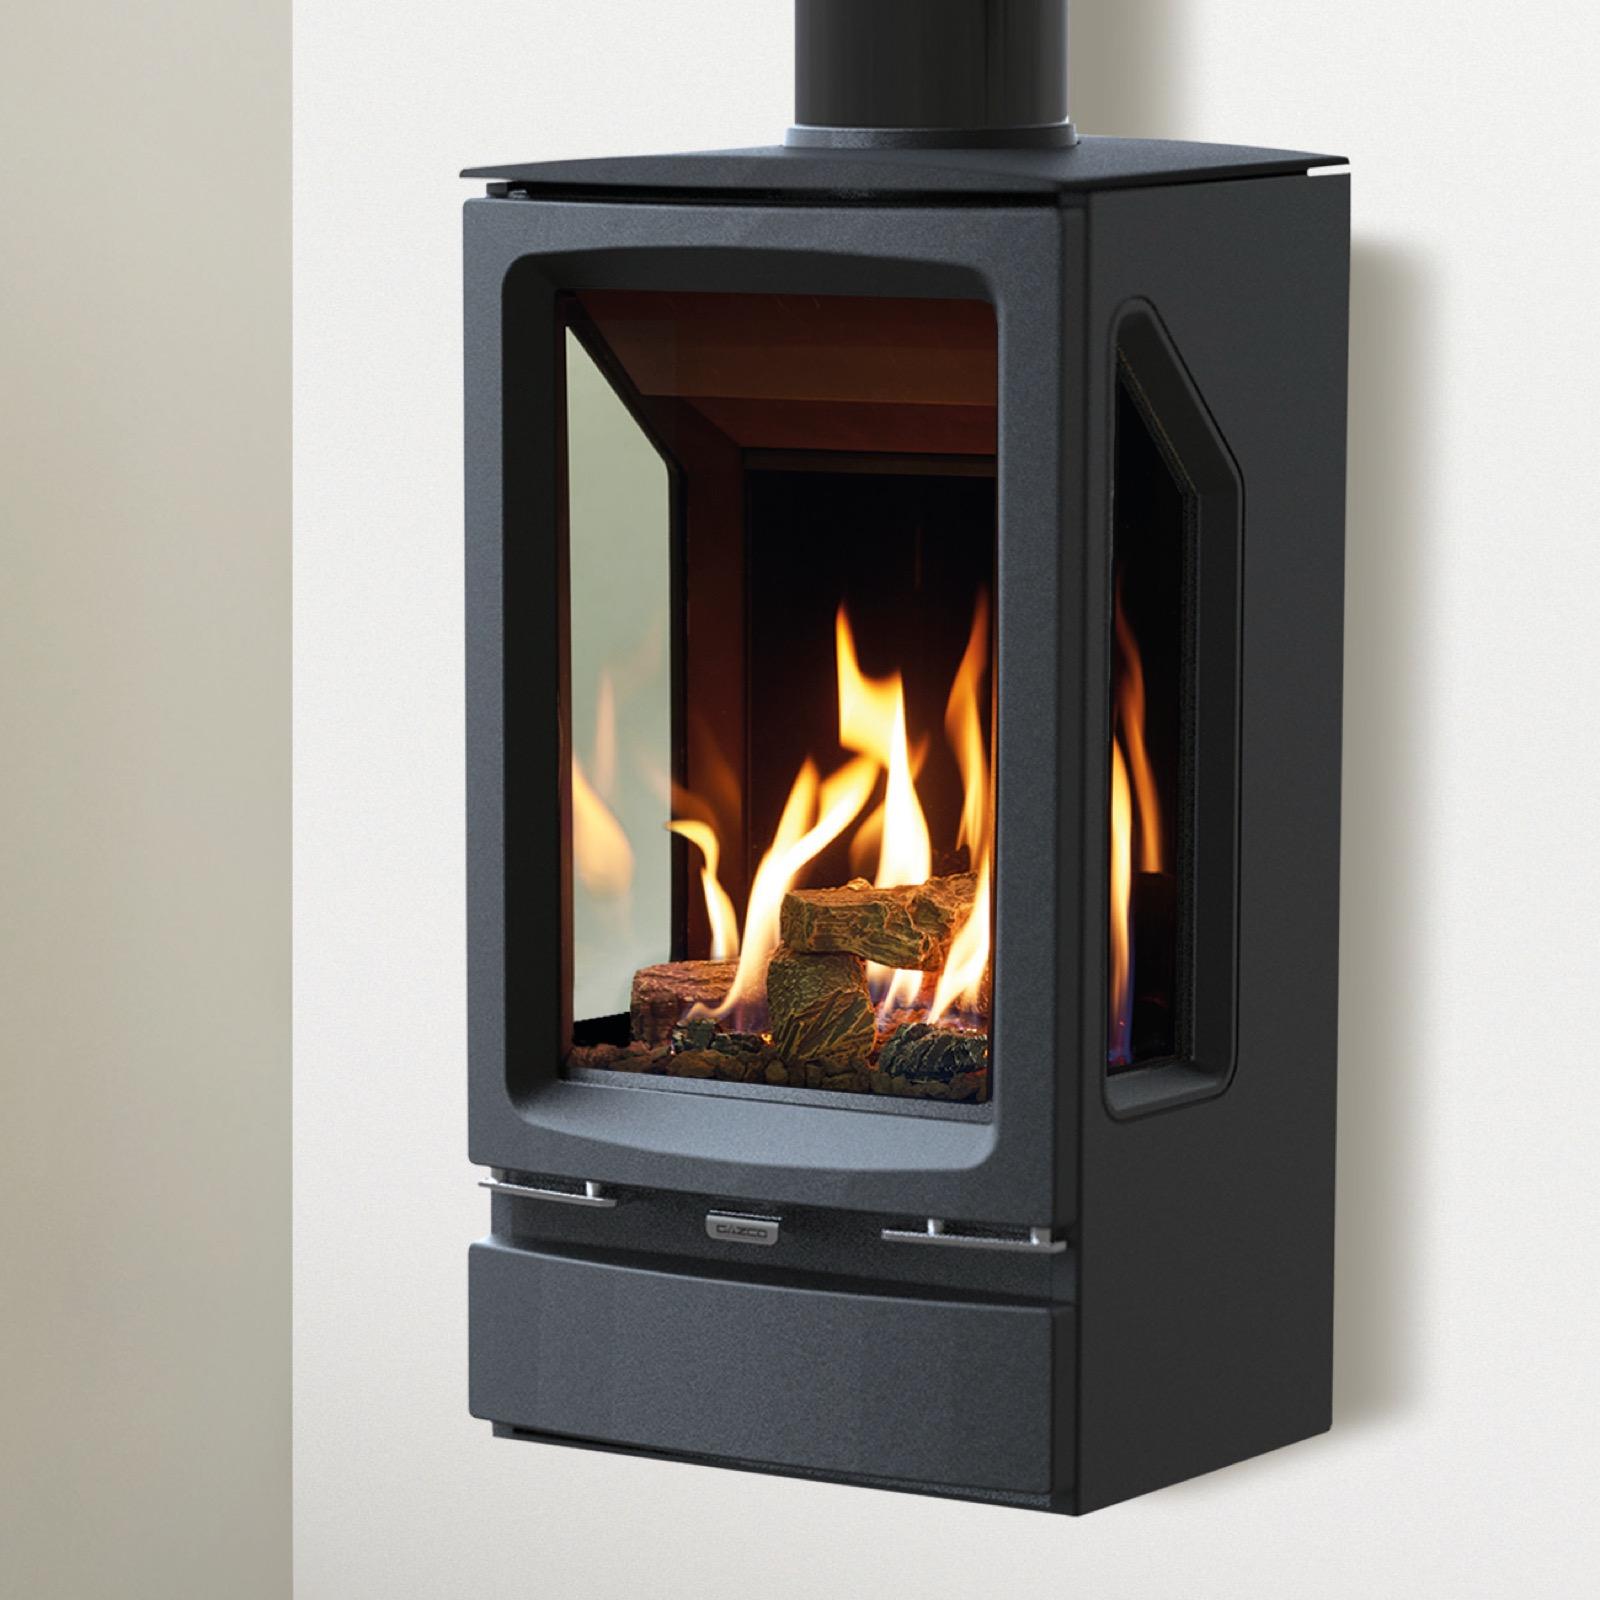 Fireplace Carbon Monoxide Myth 6 Carbonmonoxidemyths Com